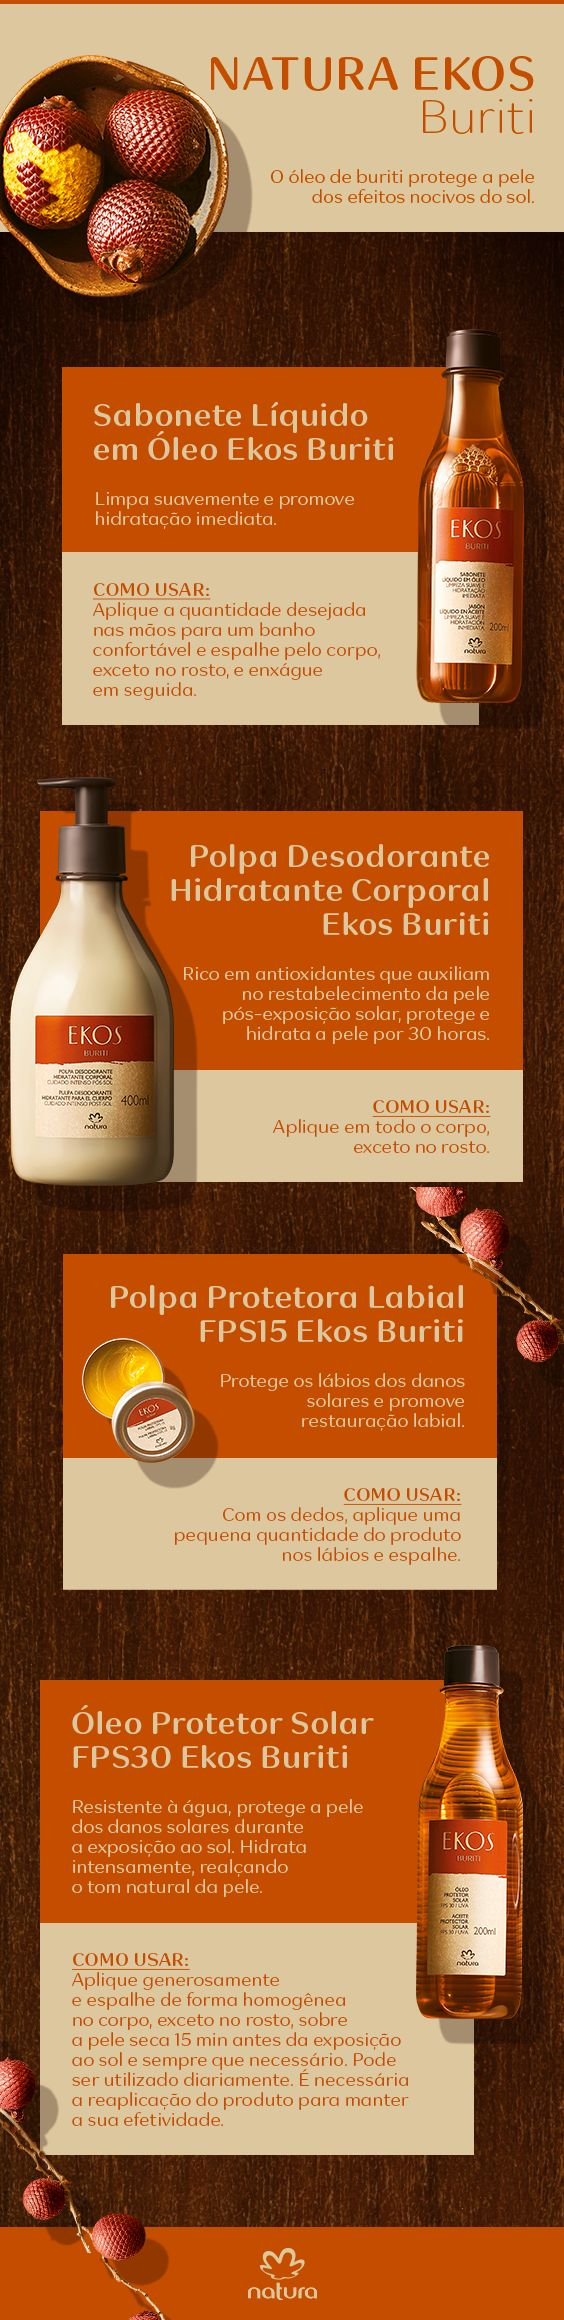 O óleo de buriti, rico em betacaroteno, protege a pele dos efeitos nocivos do sol.